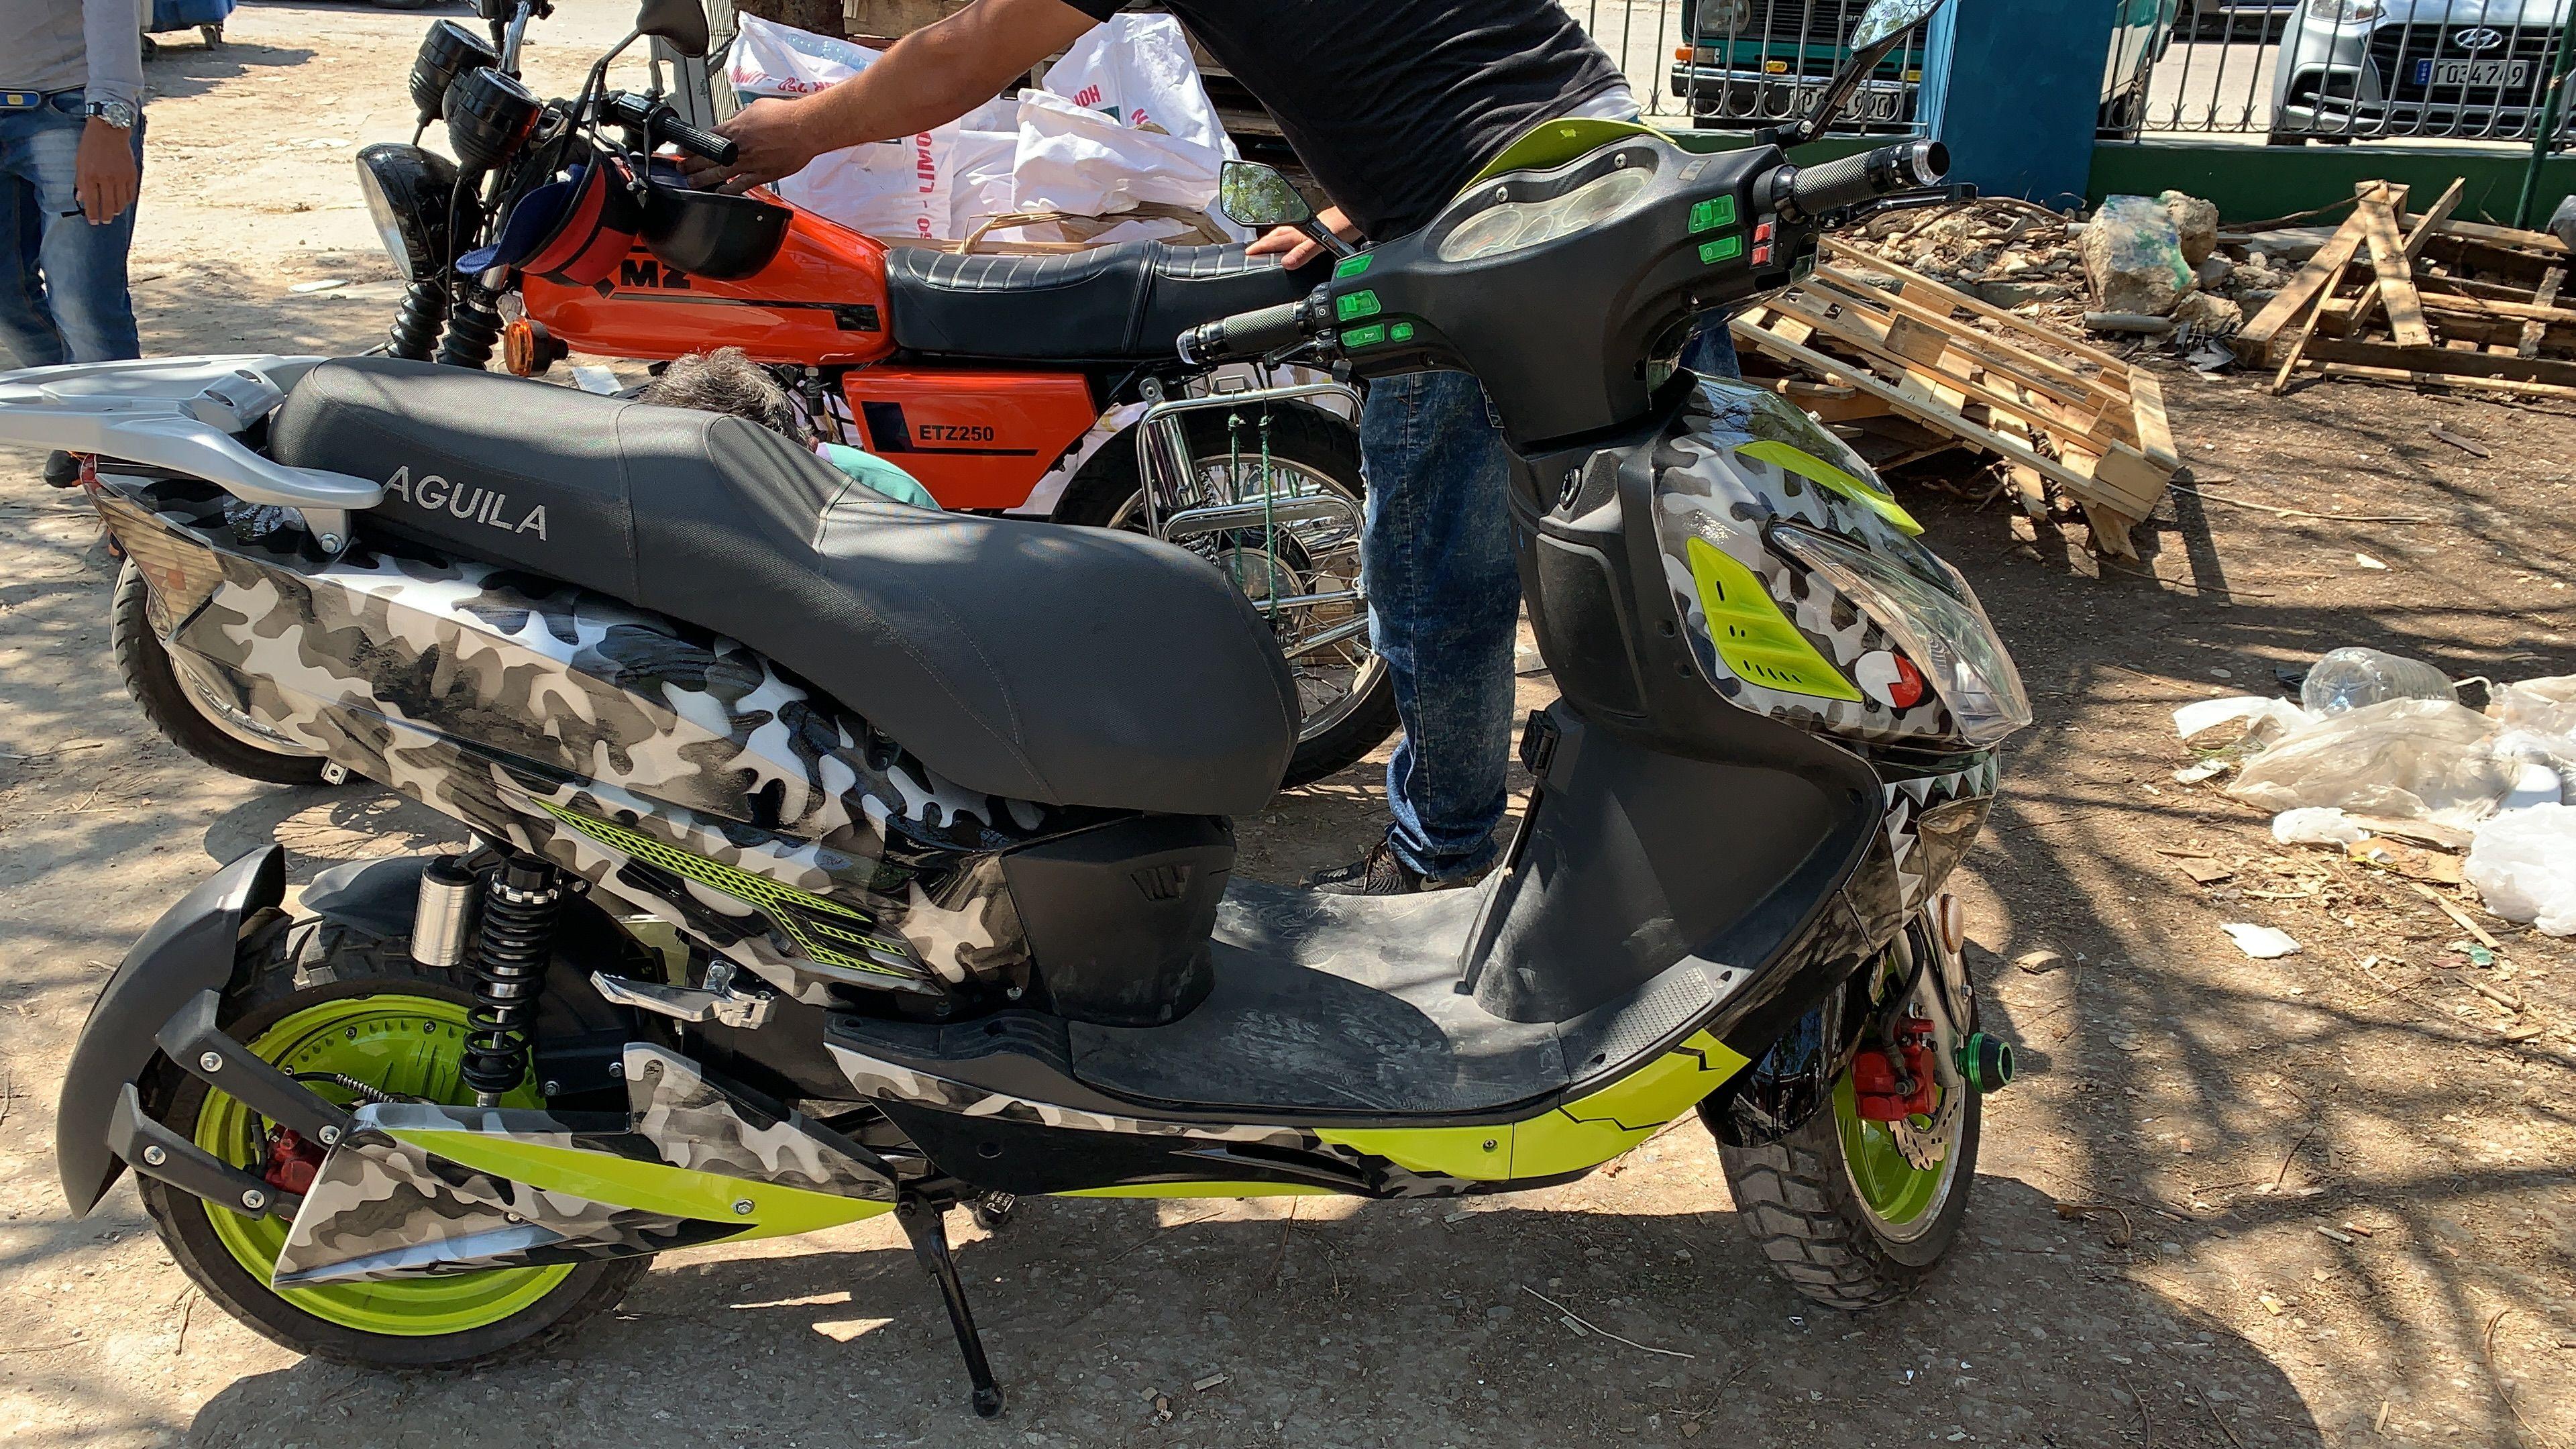 Moto eléctrica in 2020 Motorcycle, Vehicles